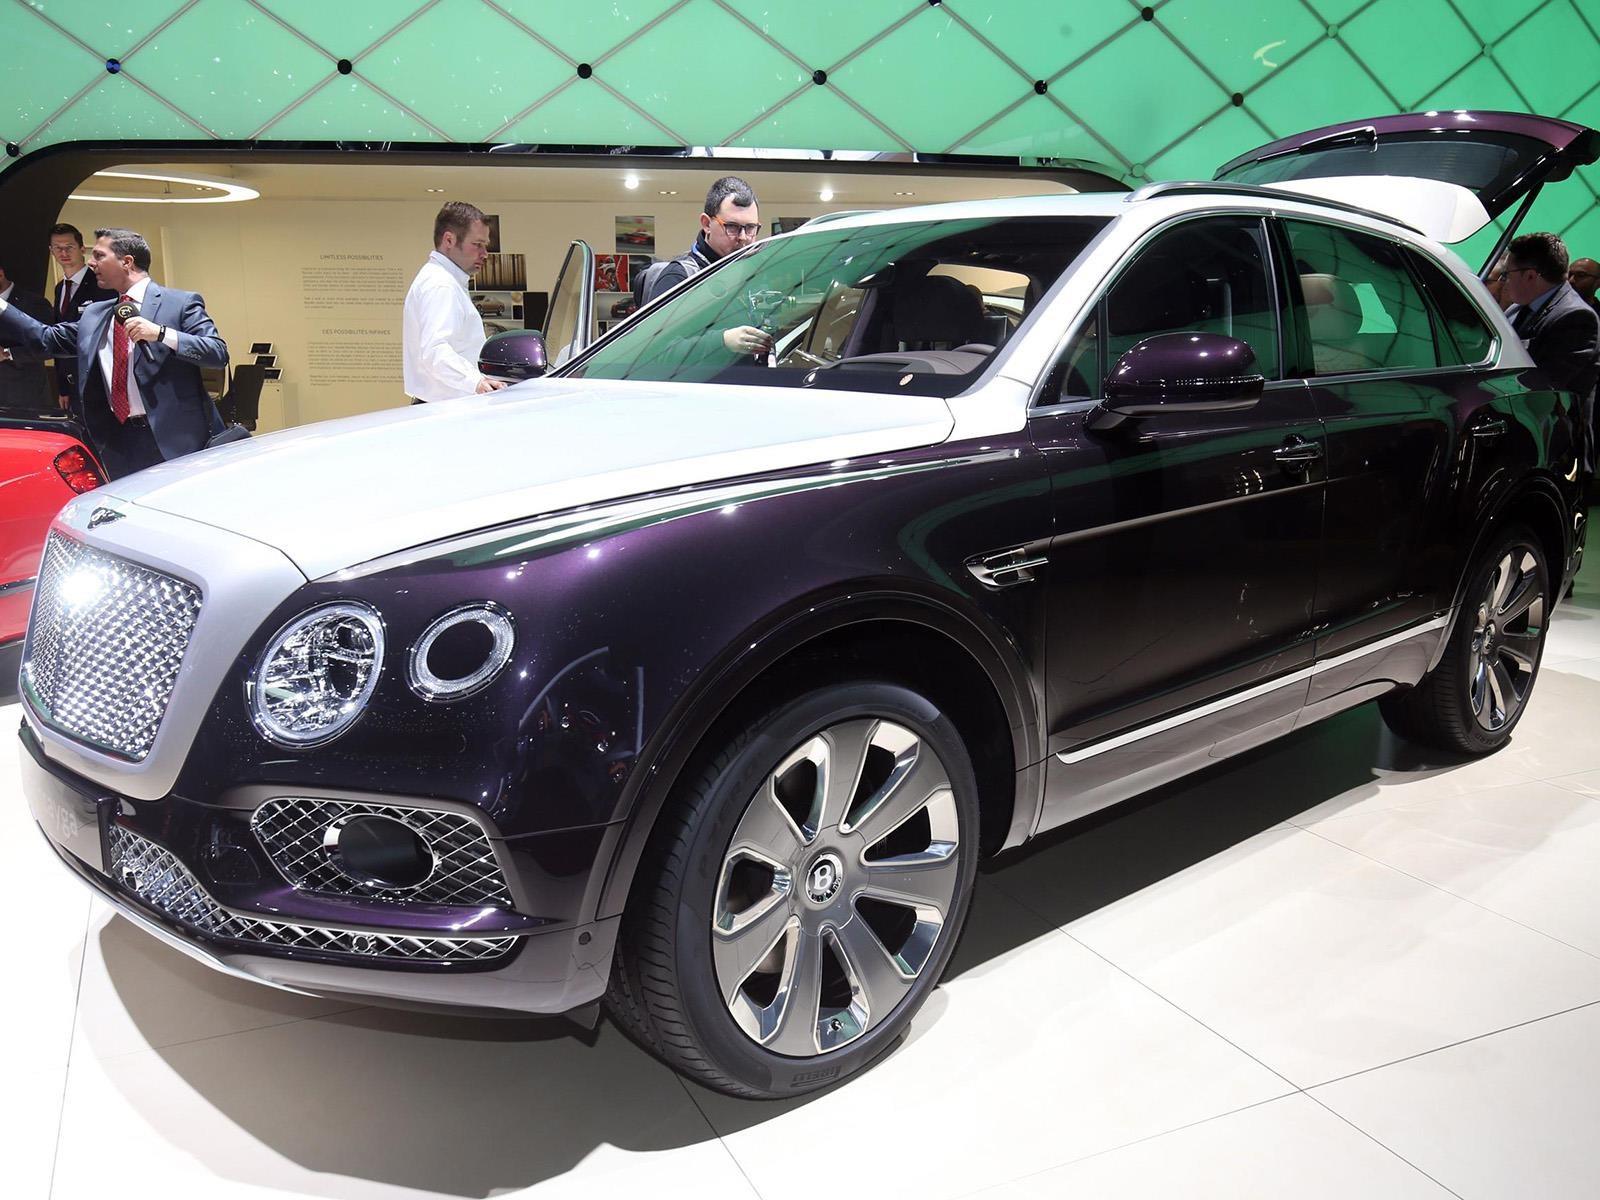 Exclusividad, diseño de lujo y joyería son algunas de las peculiaridades del Bentley mas valioso al que solo podrán optar cincuenta afortunados y exclusivos propietarios.